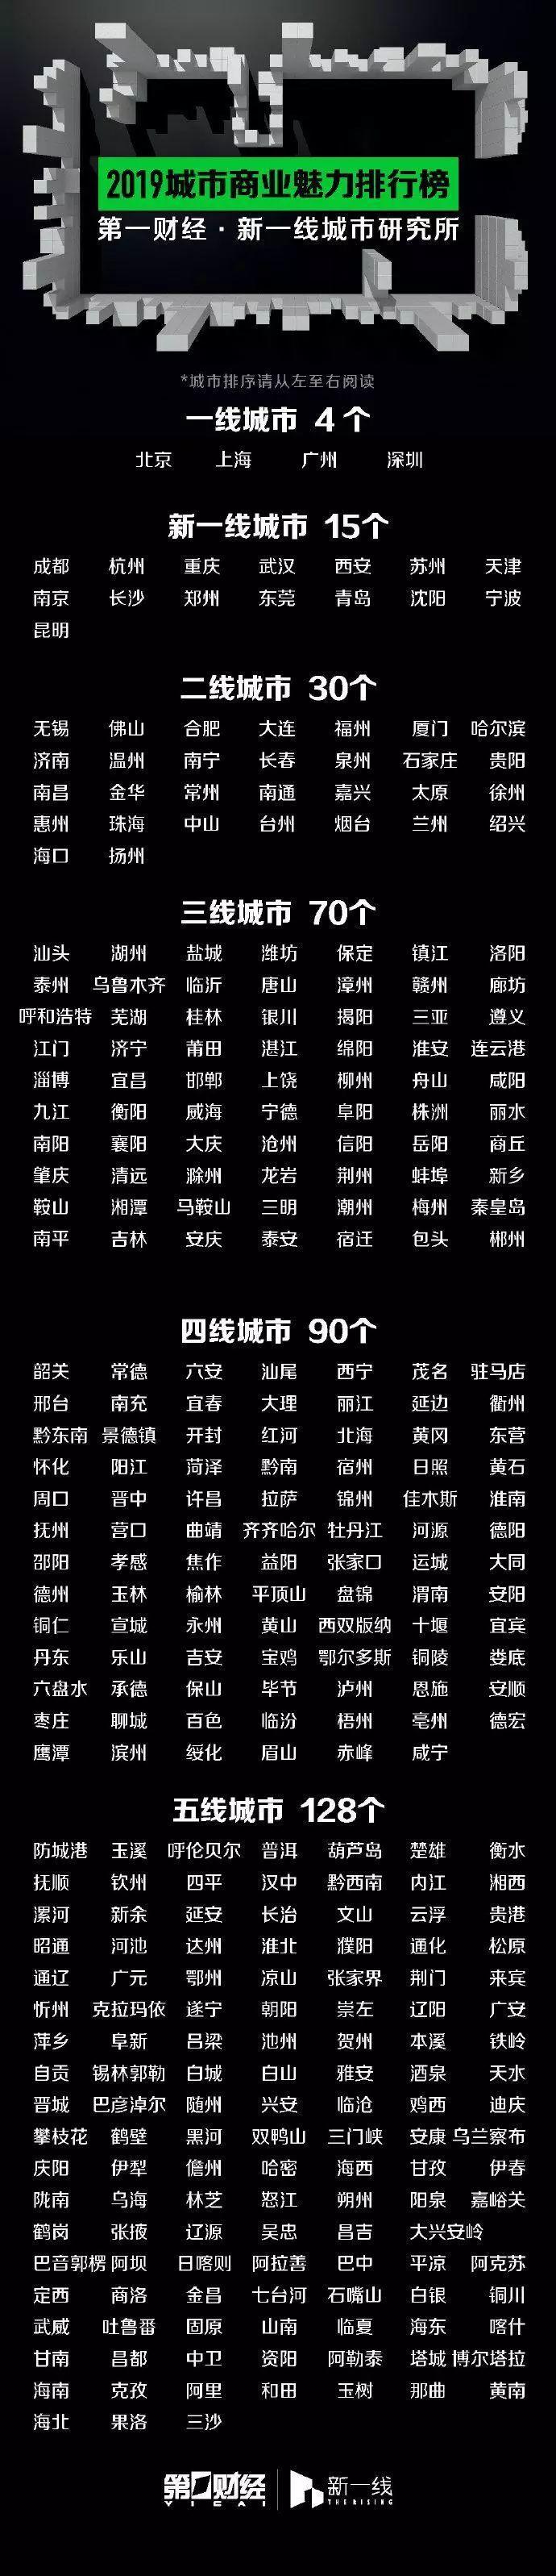 中国2019年新一线城市排名出炉 汕尾为四线城市 汕尾 第3张